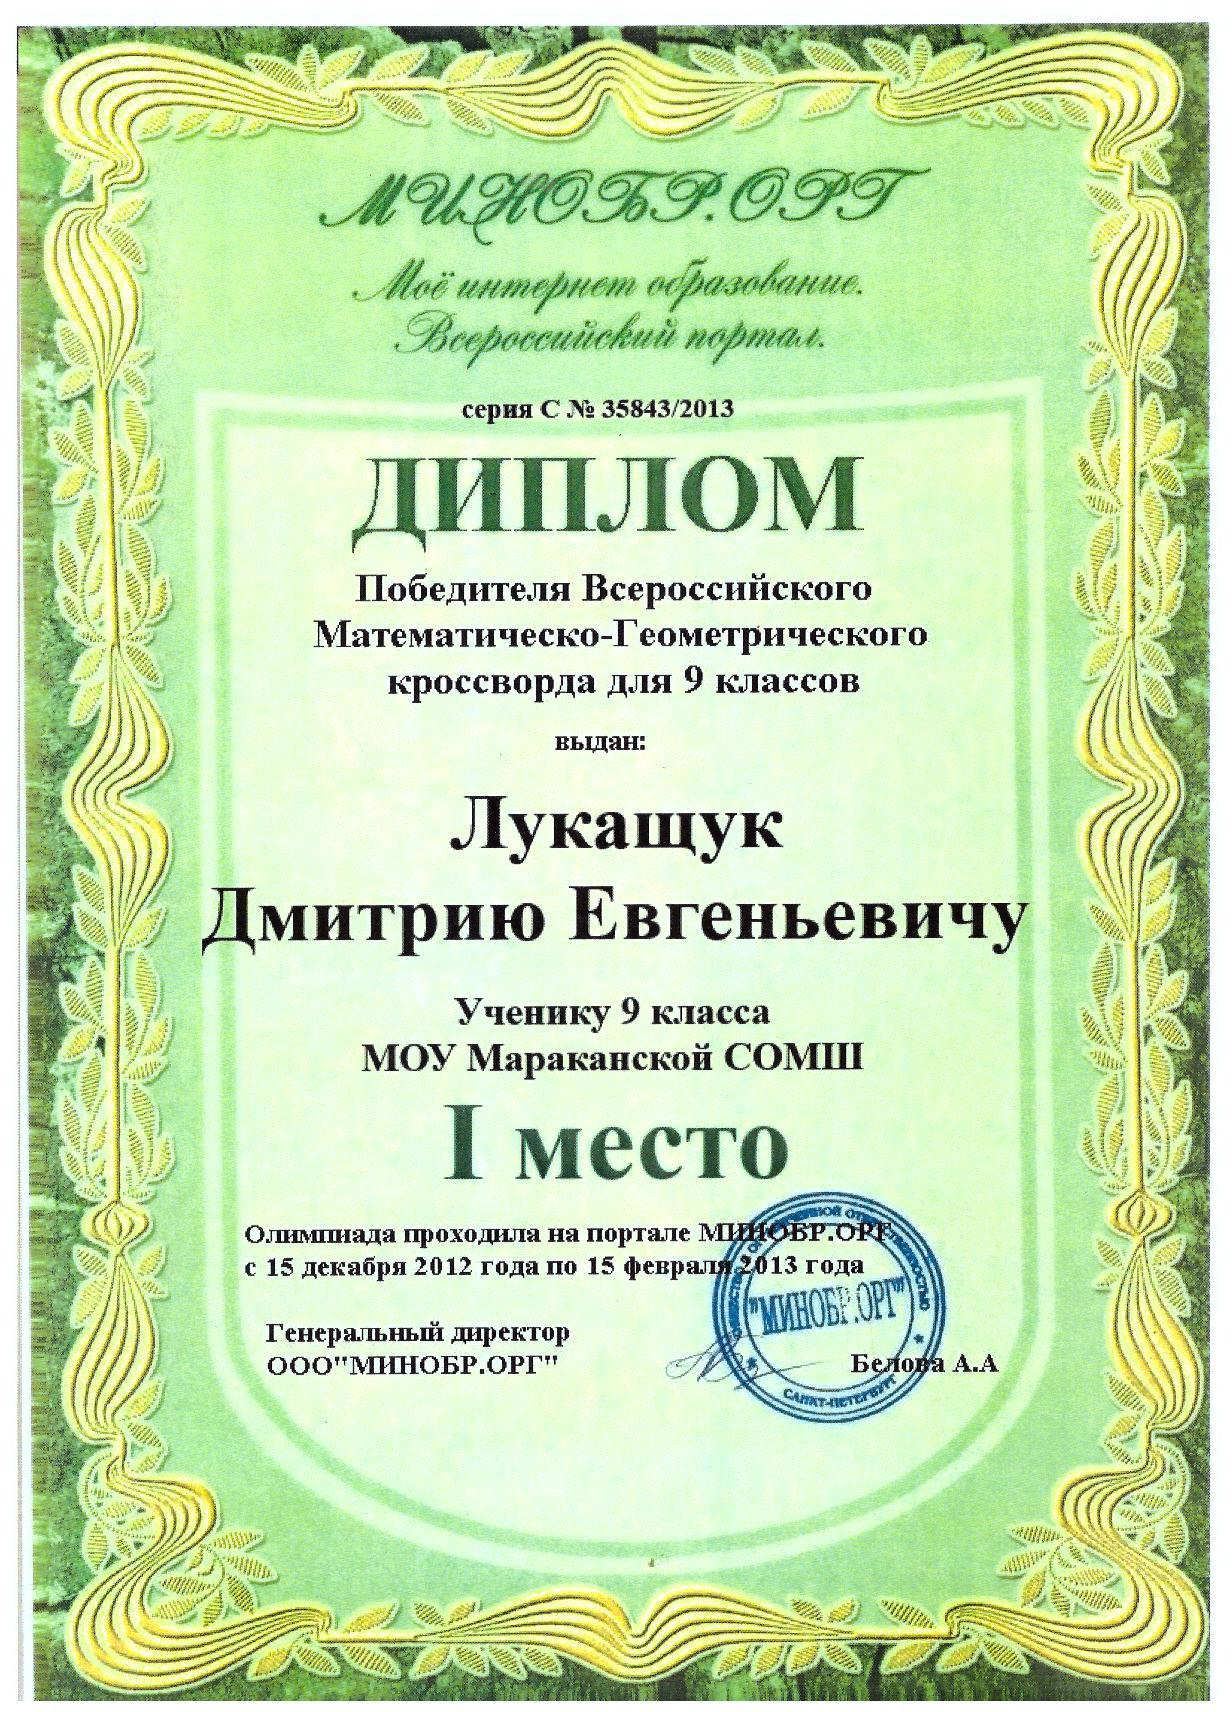 Диплом Лкащук Д